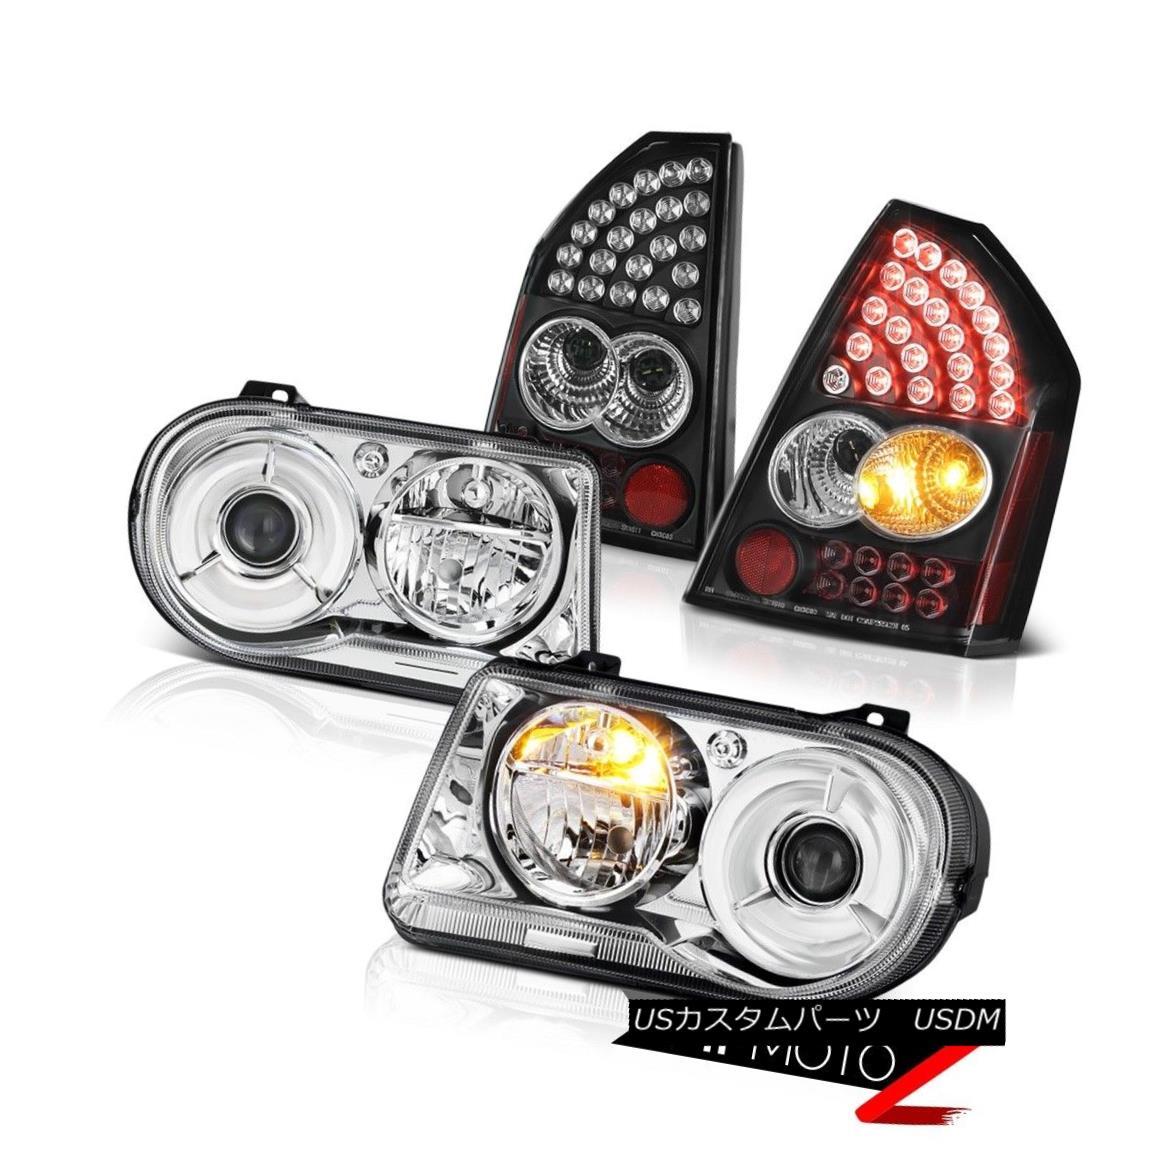 テールライト Pair Chrome Headlights Clear Headlamps Bright Tail Lights 05 06 07 Chrysler 300C ペアクロームヘッドライトクリアヘッドランプブライトテールライト05 06 07クライスラー300C